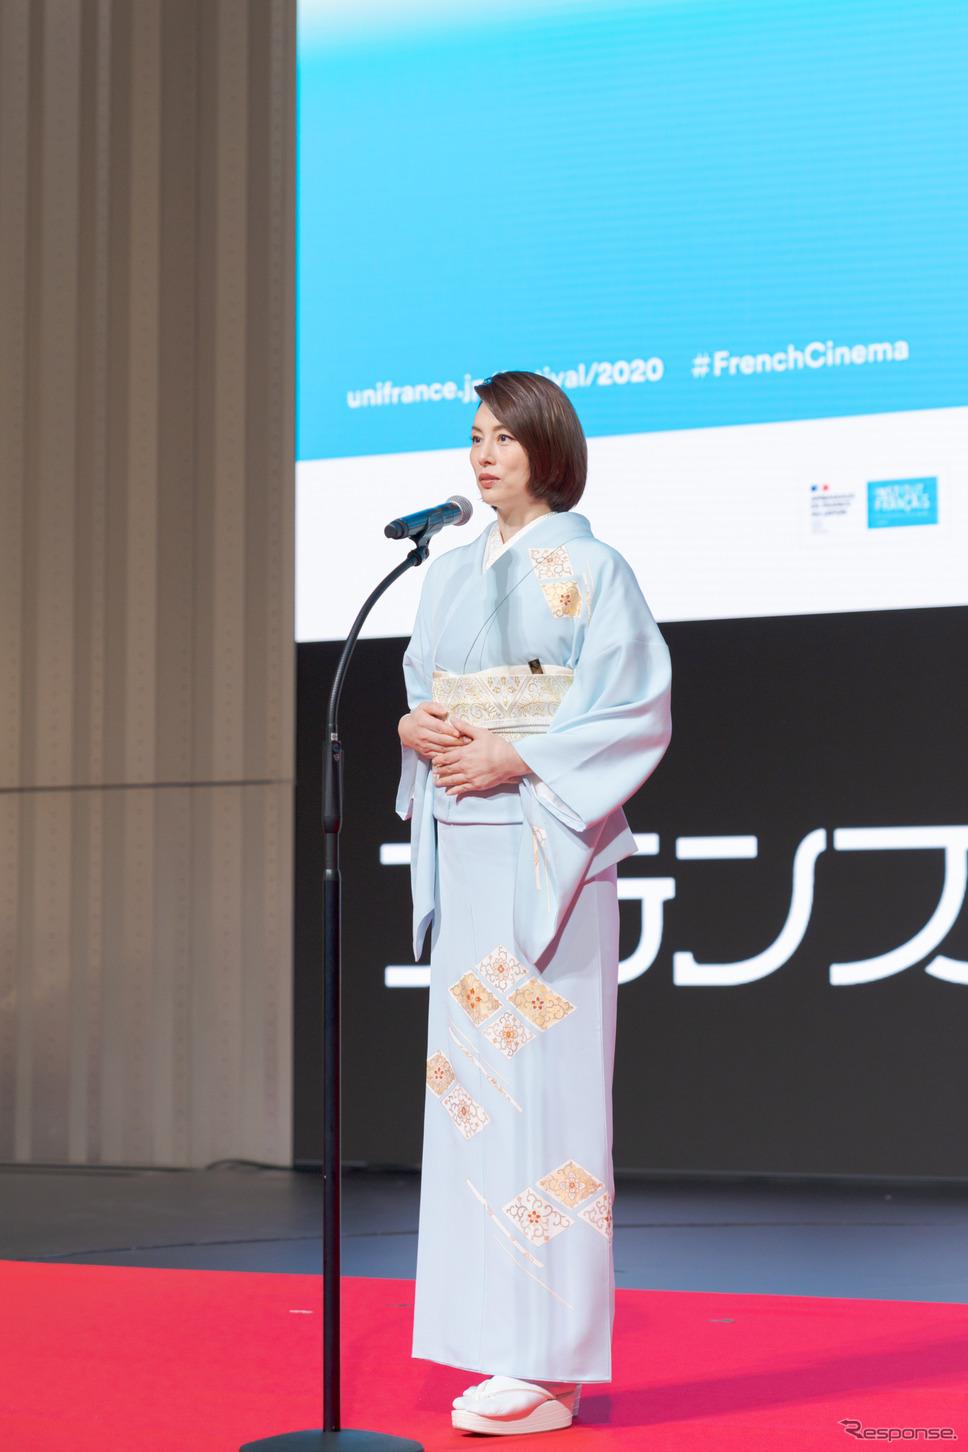 フェスティバルミューズとして米倉涼子さんは、鮮やかな水色の着物で登場。《写真撮影 関口敬文》